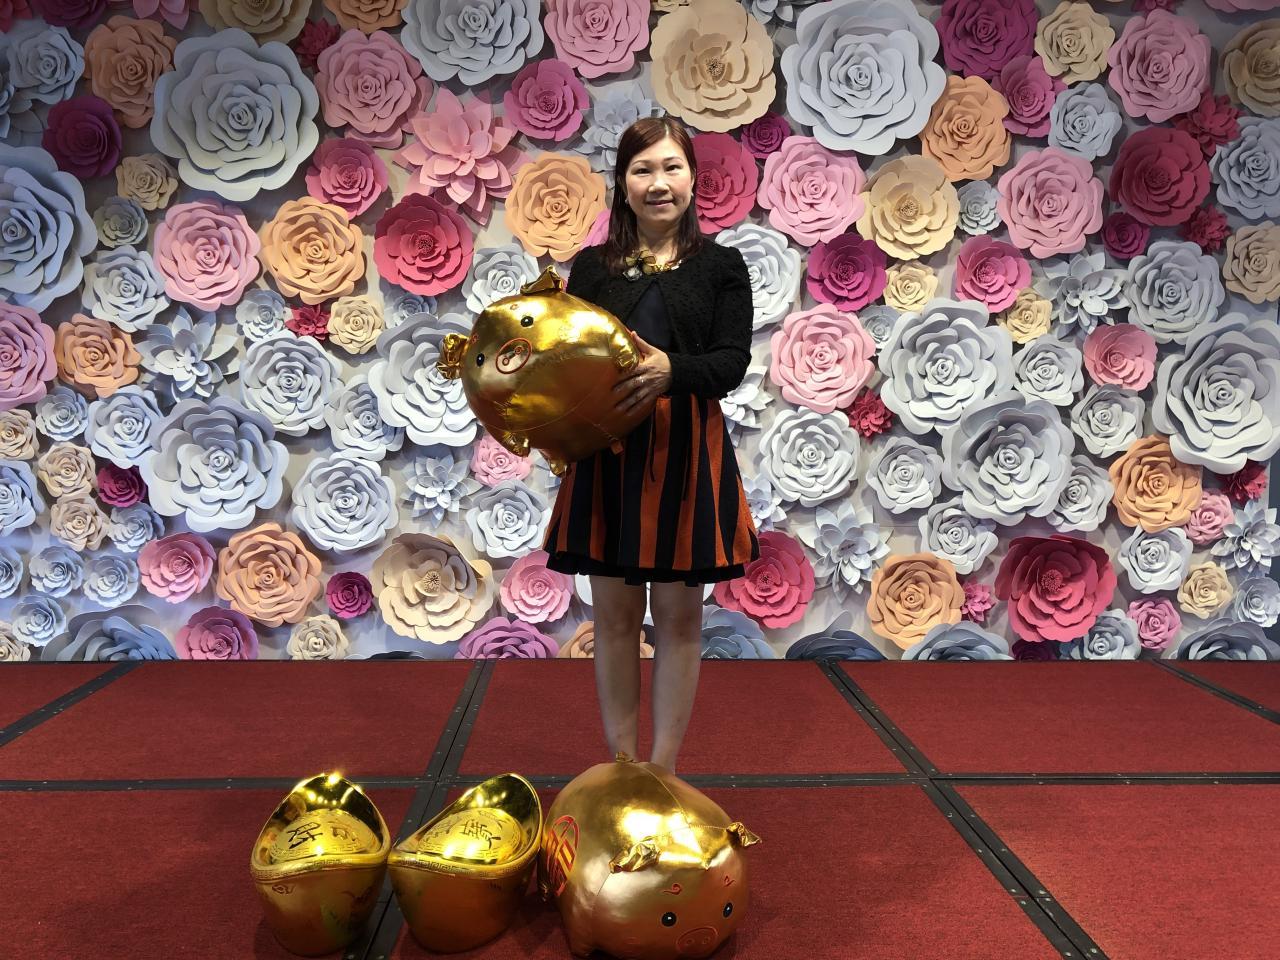 華懋集團銷售部高級銷售及市場經理陳慕蘭